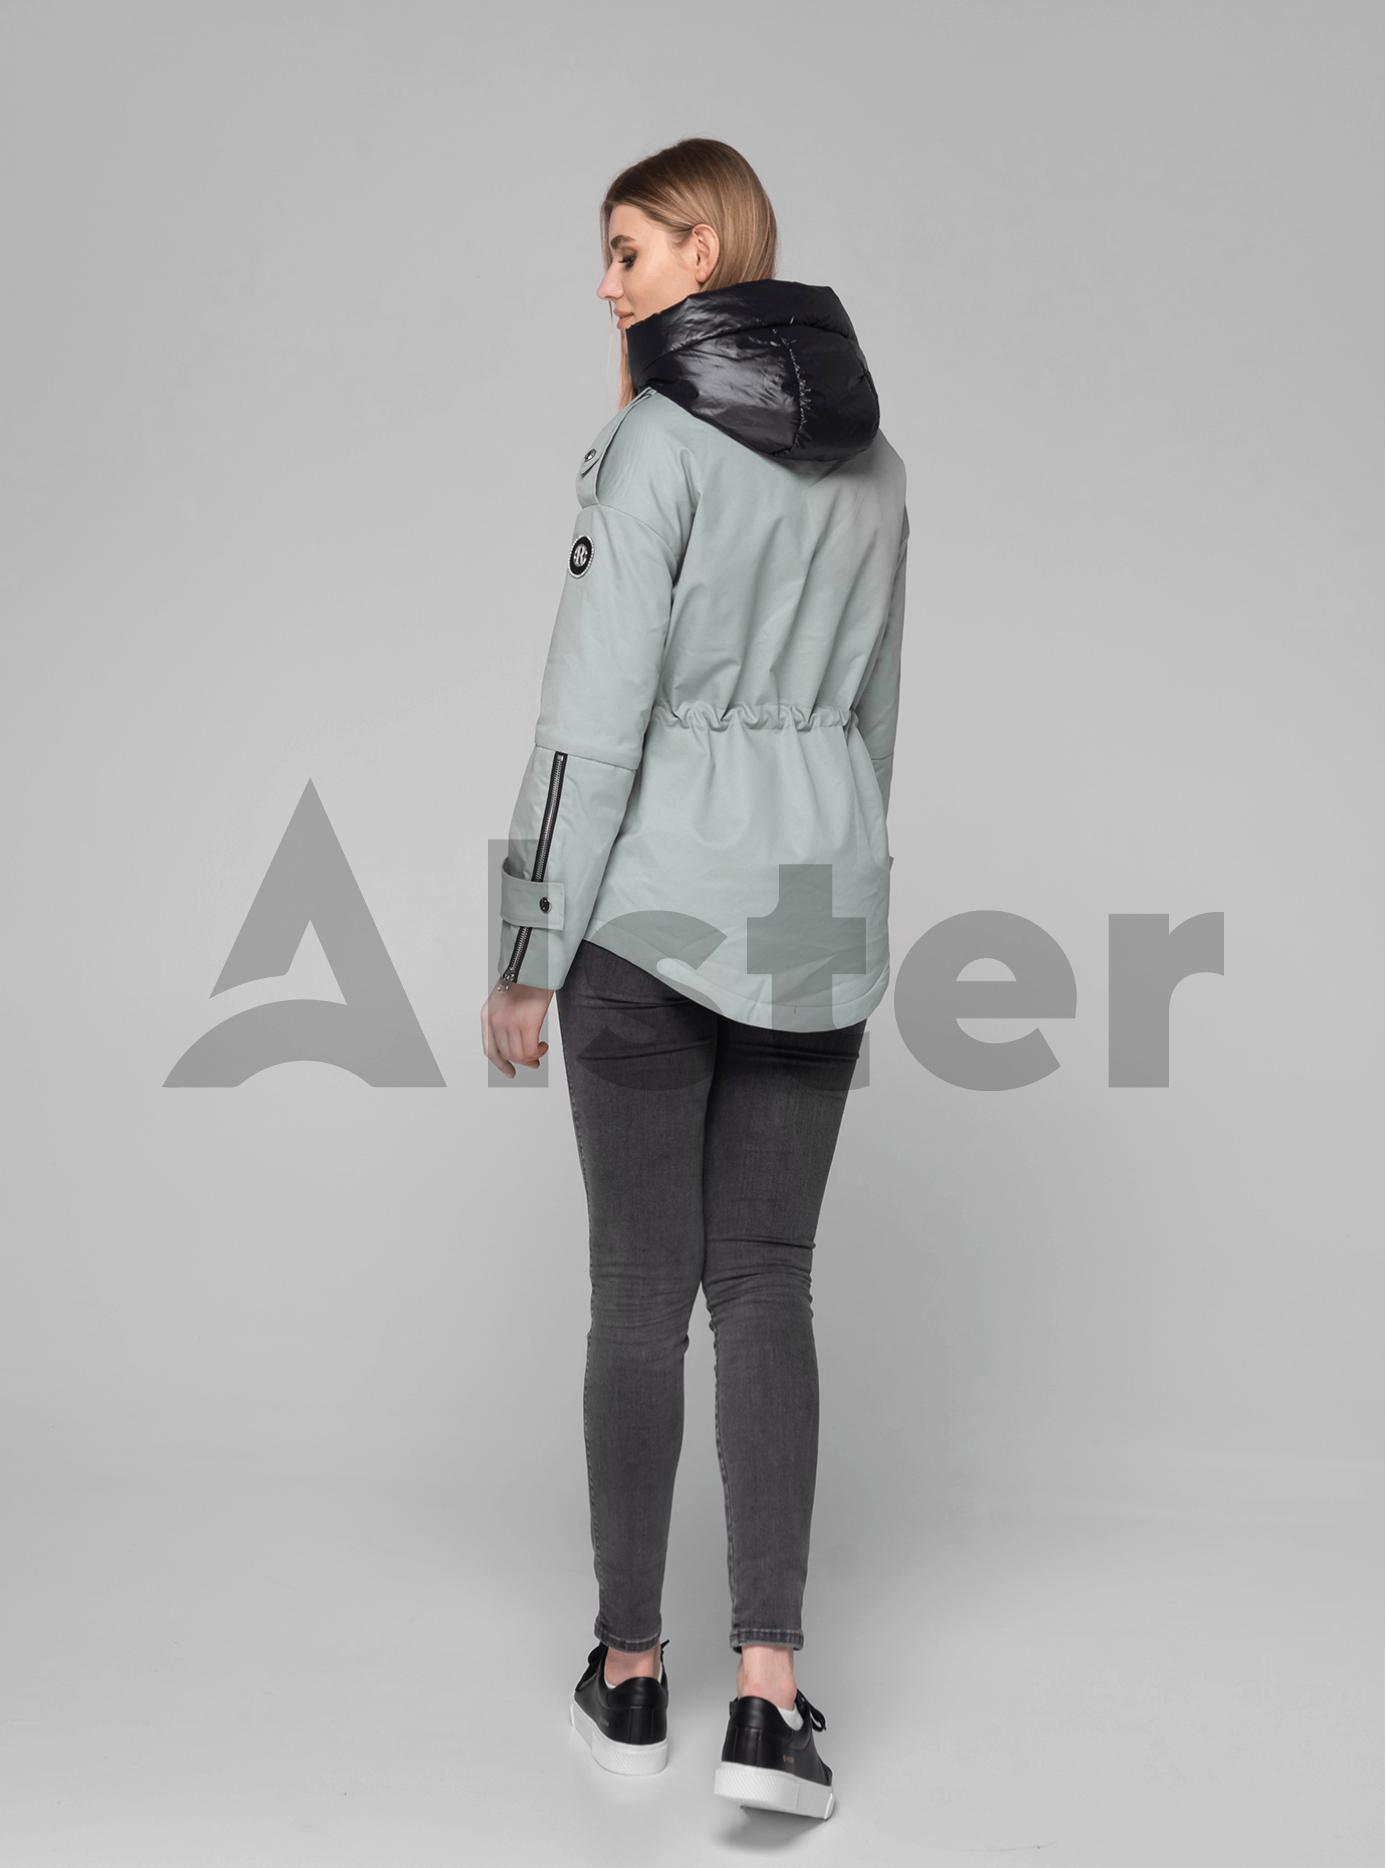 Куртка демисезонная короткая с капюшоном Серо-зелёный XL (02-V191049): фото - Alster.ua